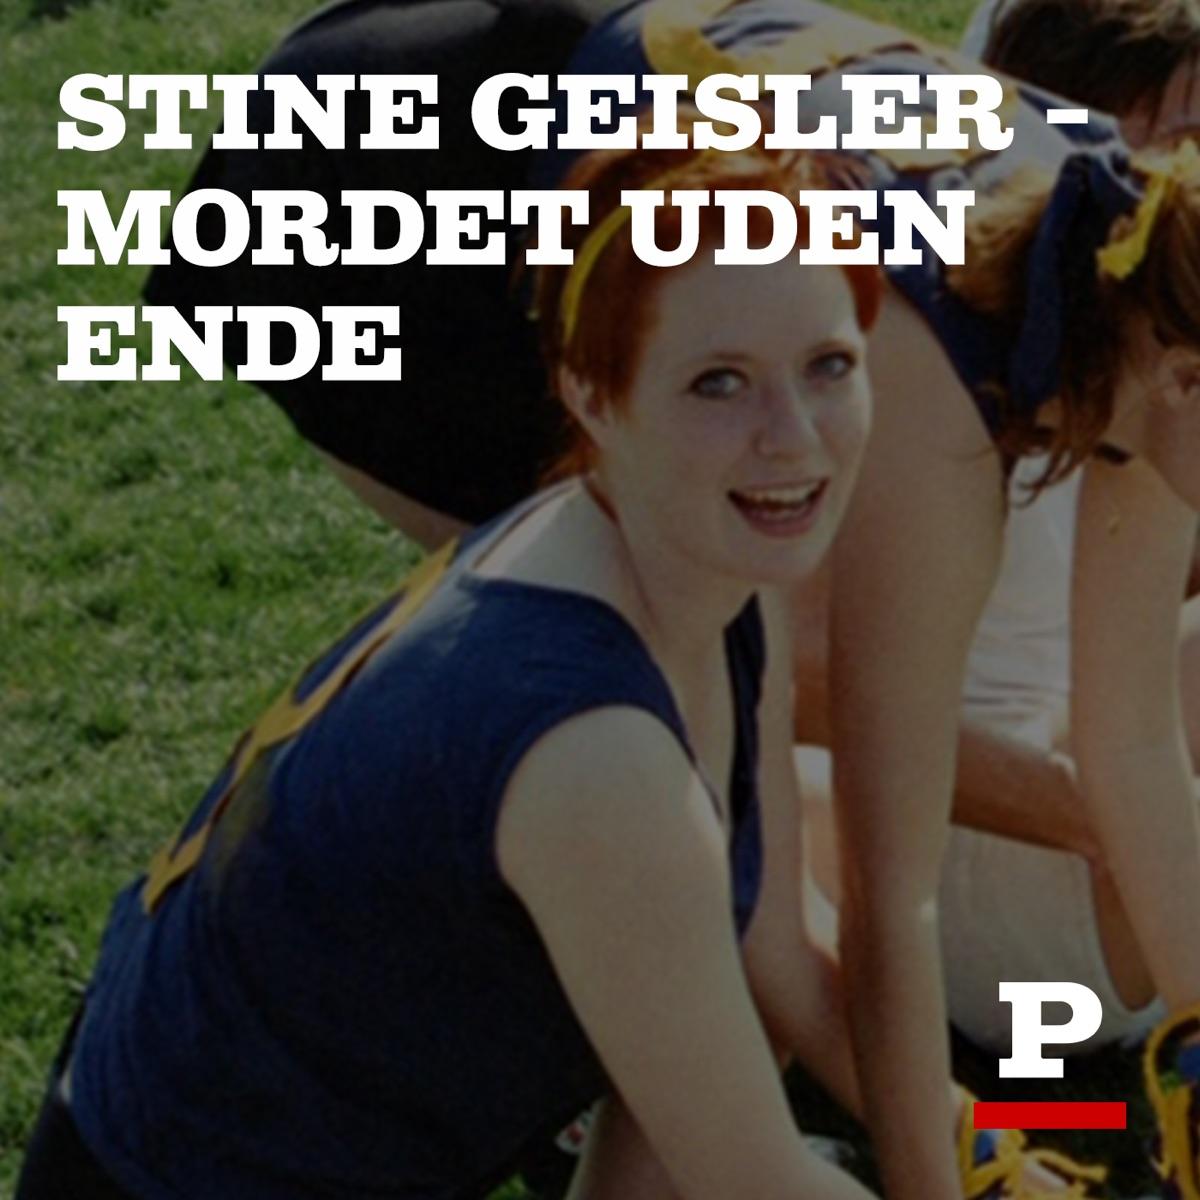 Stine Geisler – mordet uden ende